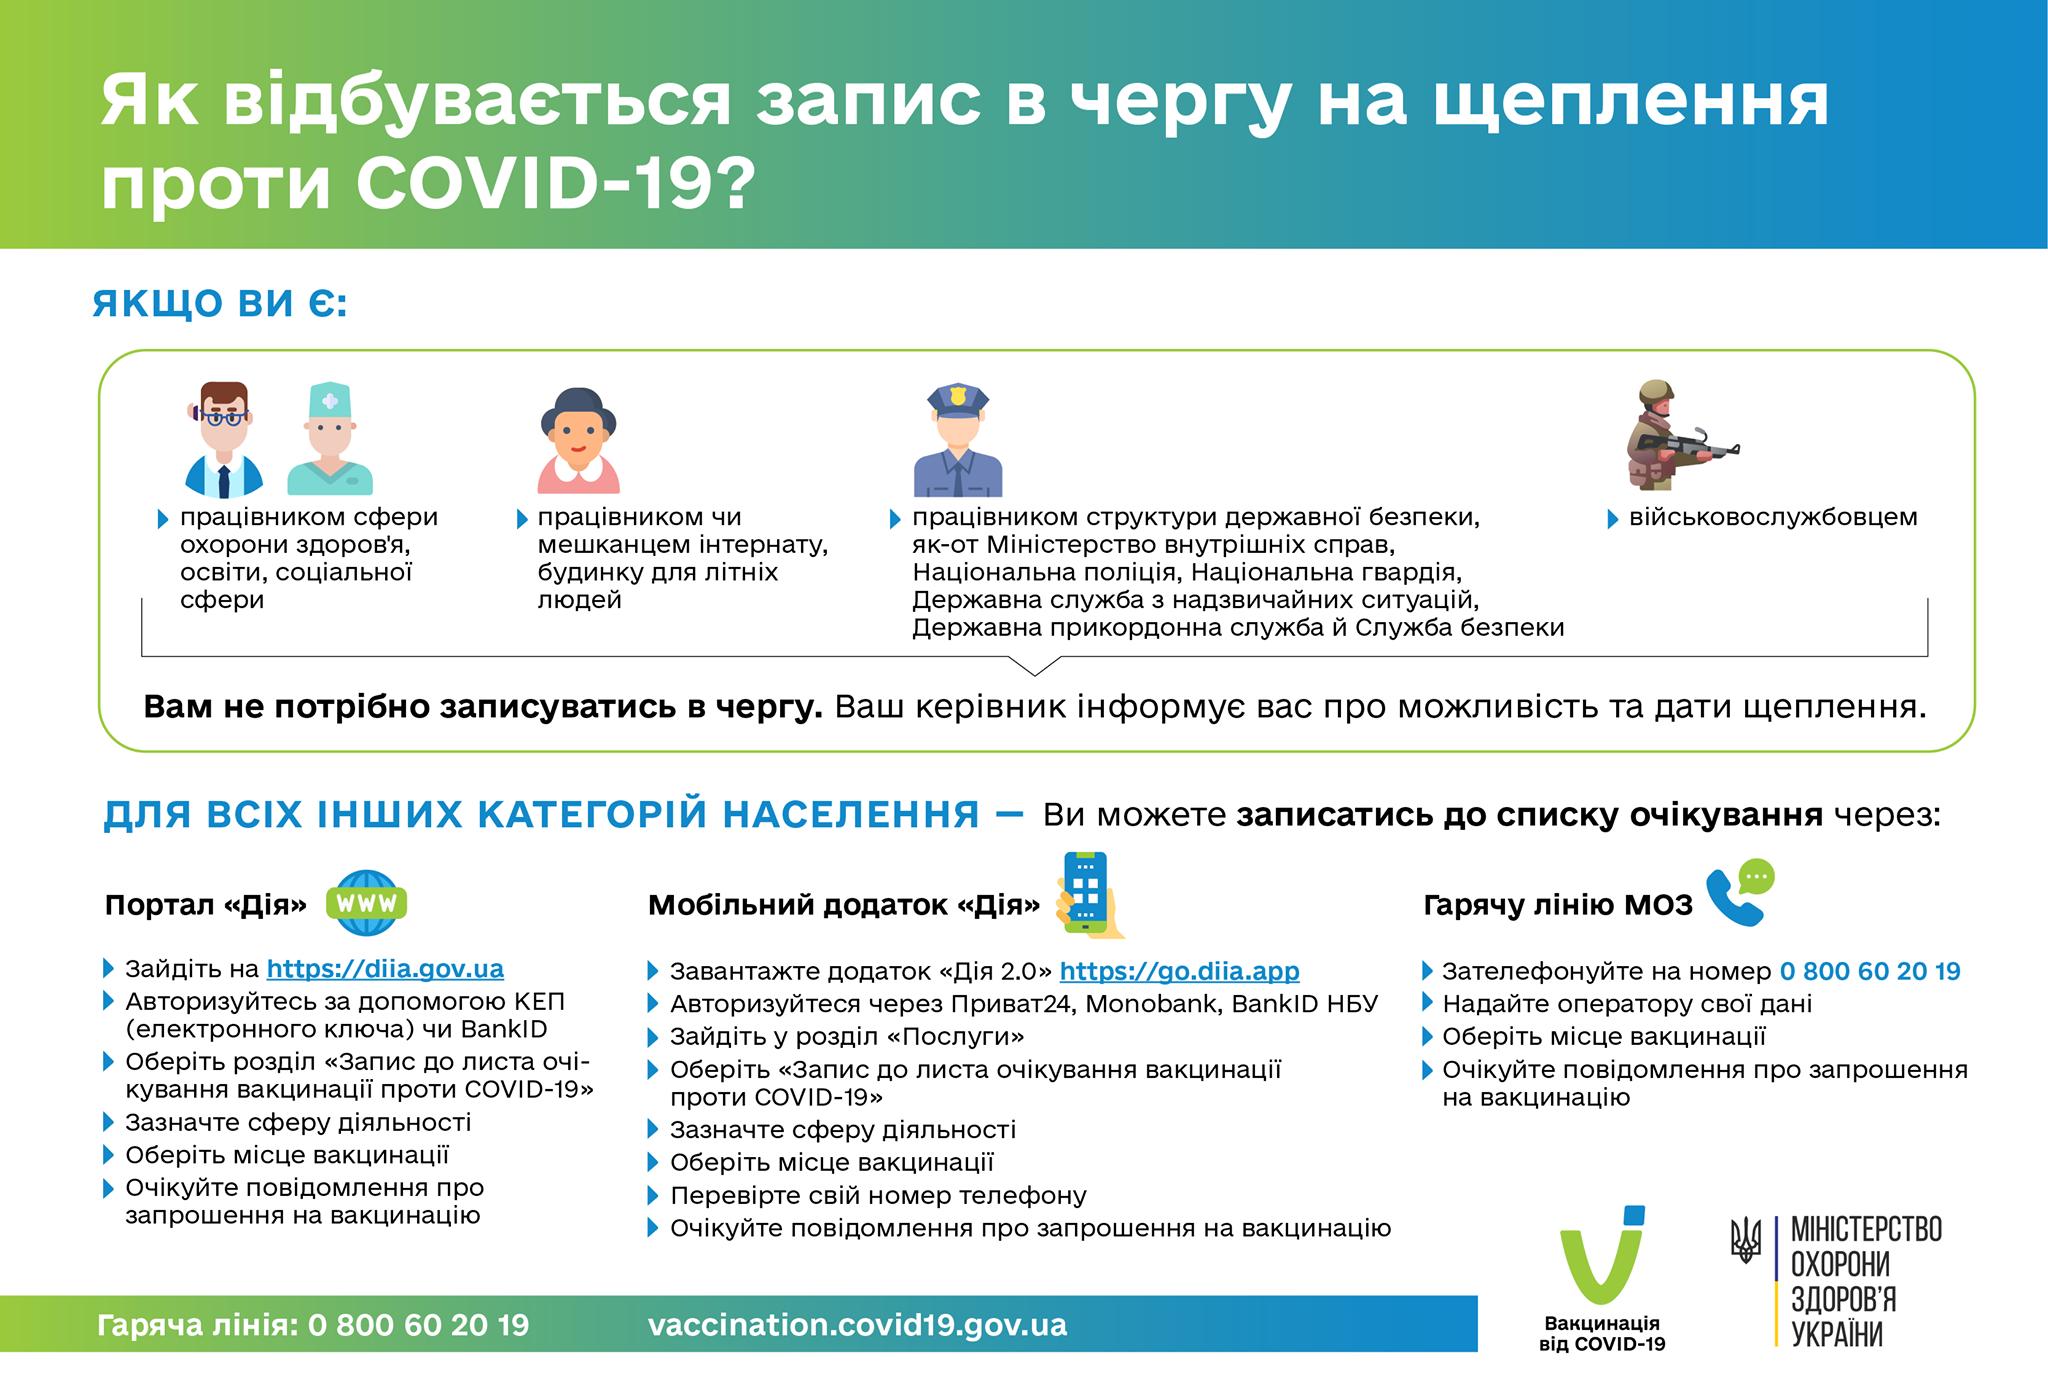 В Україні вже можна записатися в чергу на щеплення проти COVID-19.